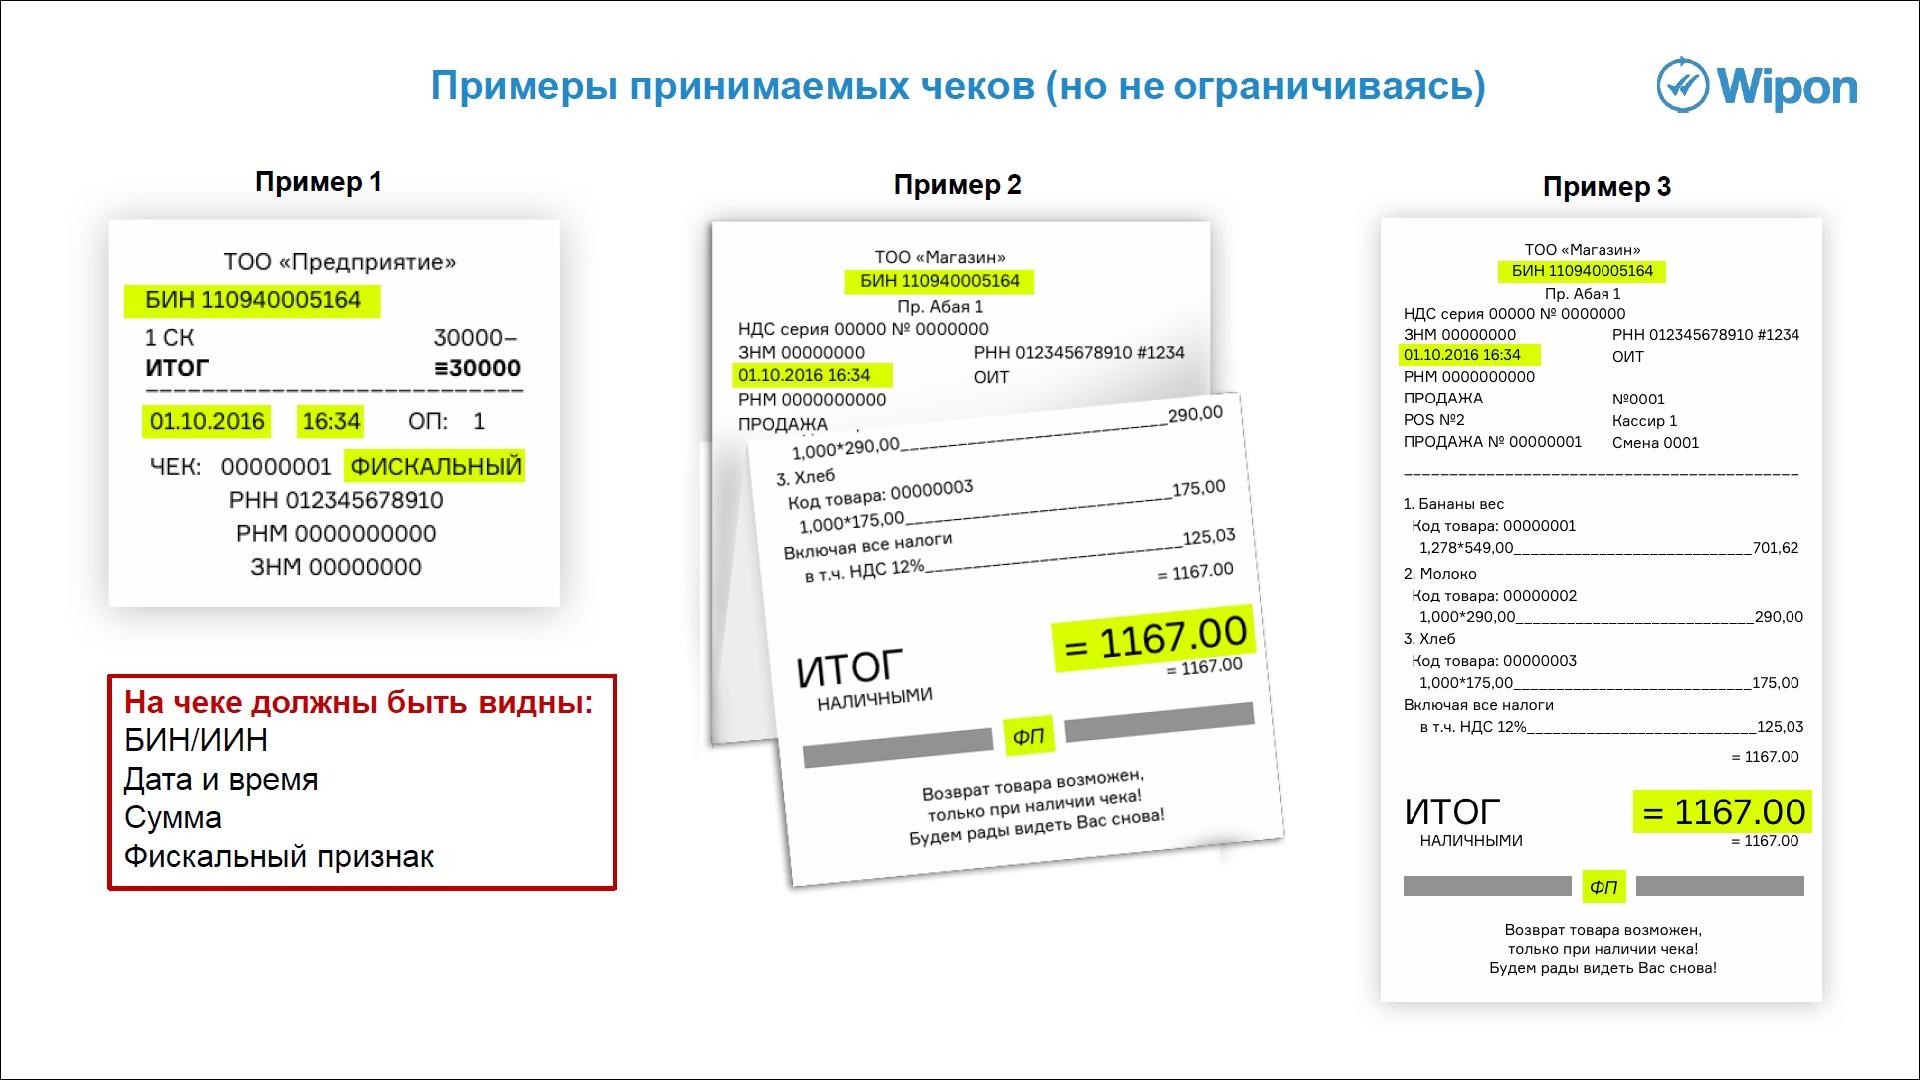 Чеки для налоговой Кутузовский проспект трудовой договор для фмс в москве Капотня 1-й квартал